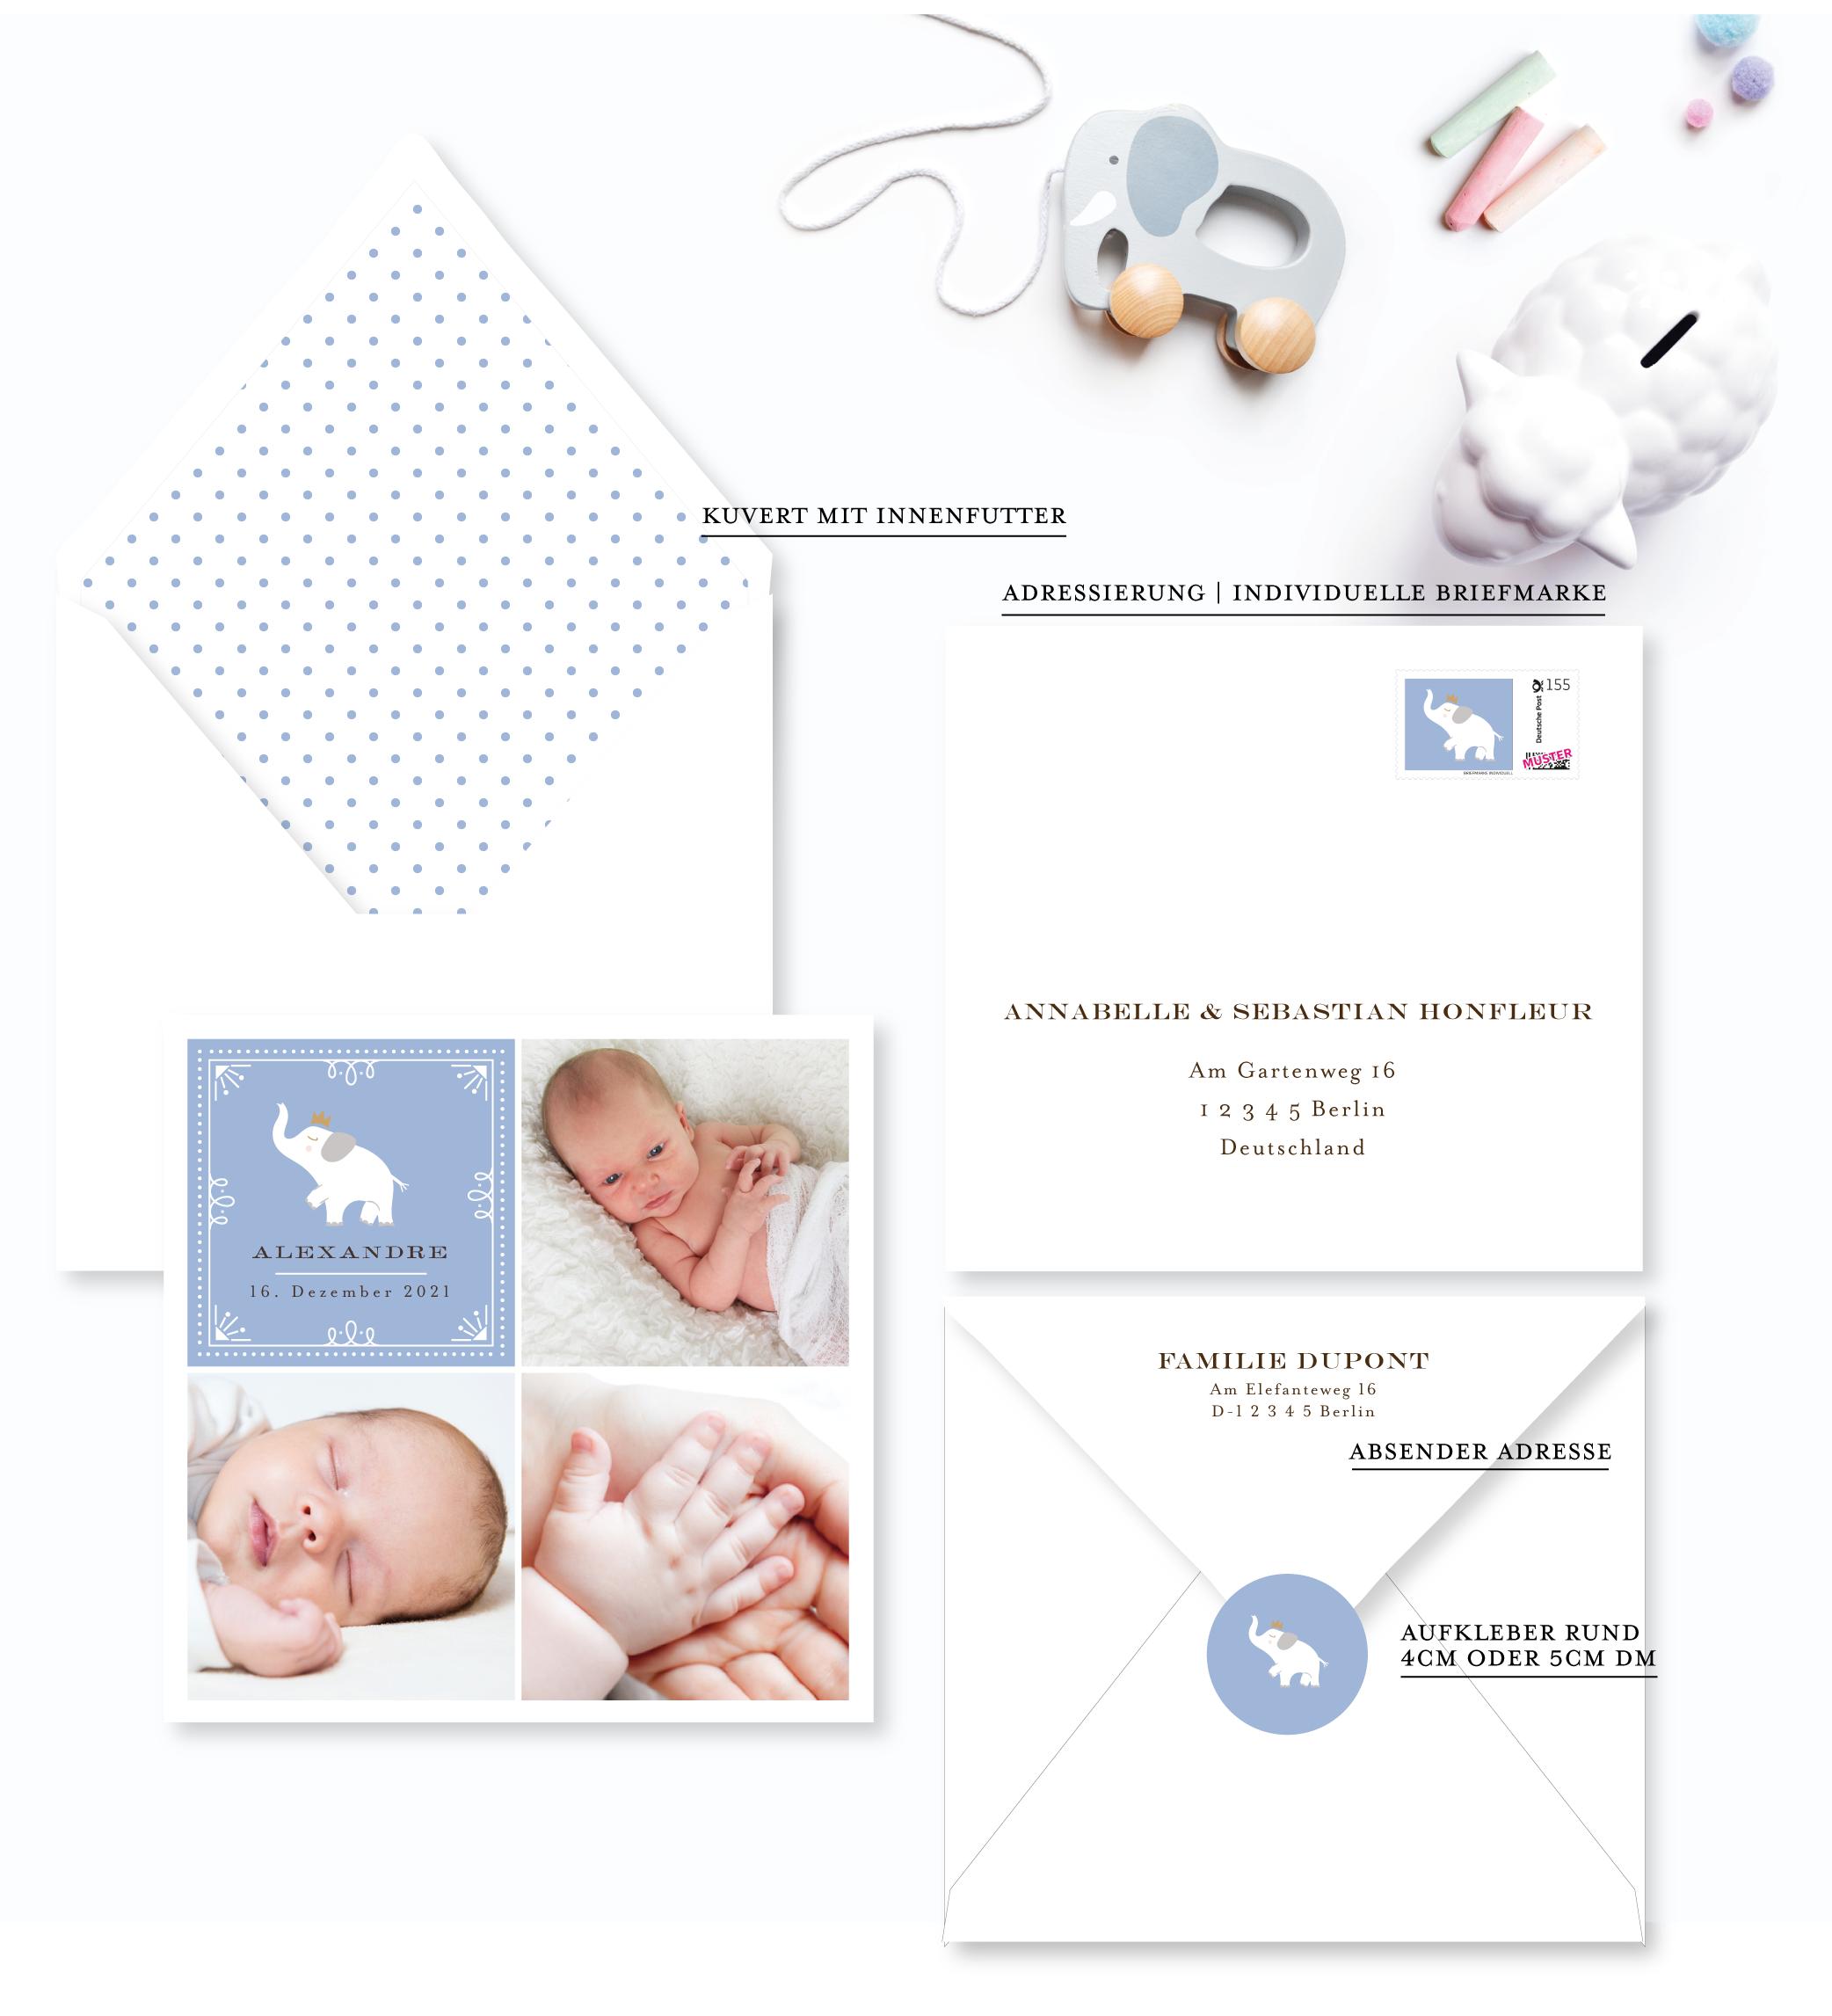 geburtskarte baby elefant für Junge farbe Blau